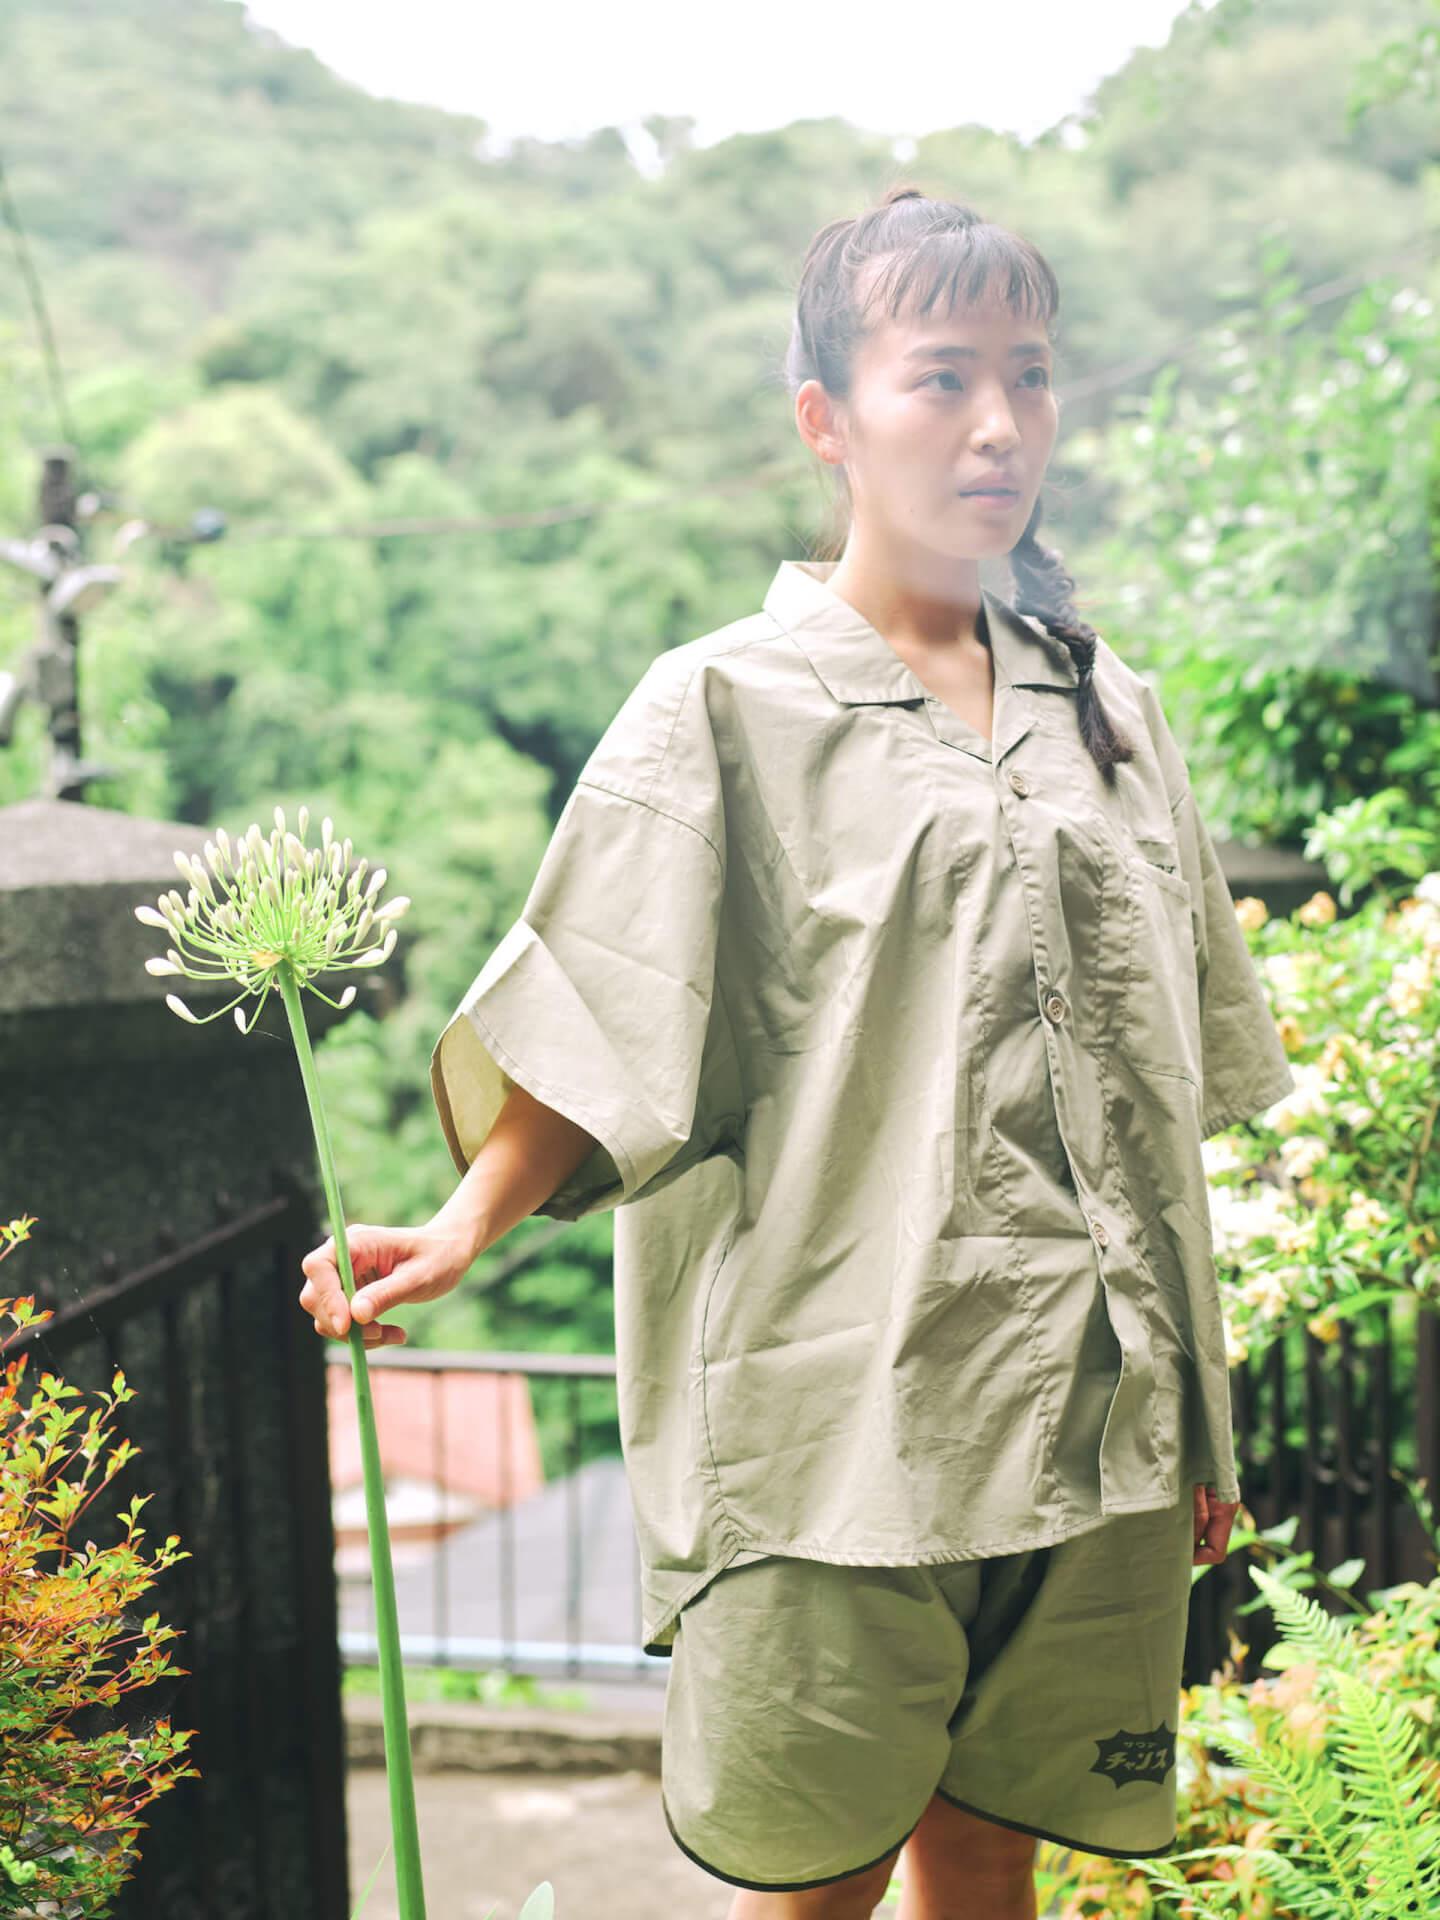 サウナイキタイのサウナグッズ2021年夏バージョンが発売!ペリカンシャツ、サコッシュなど5アイテムが登場 life210729_saunaikitai_19